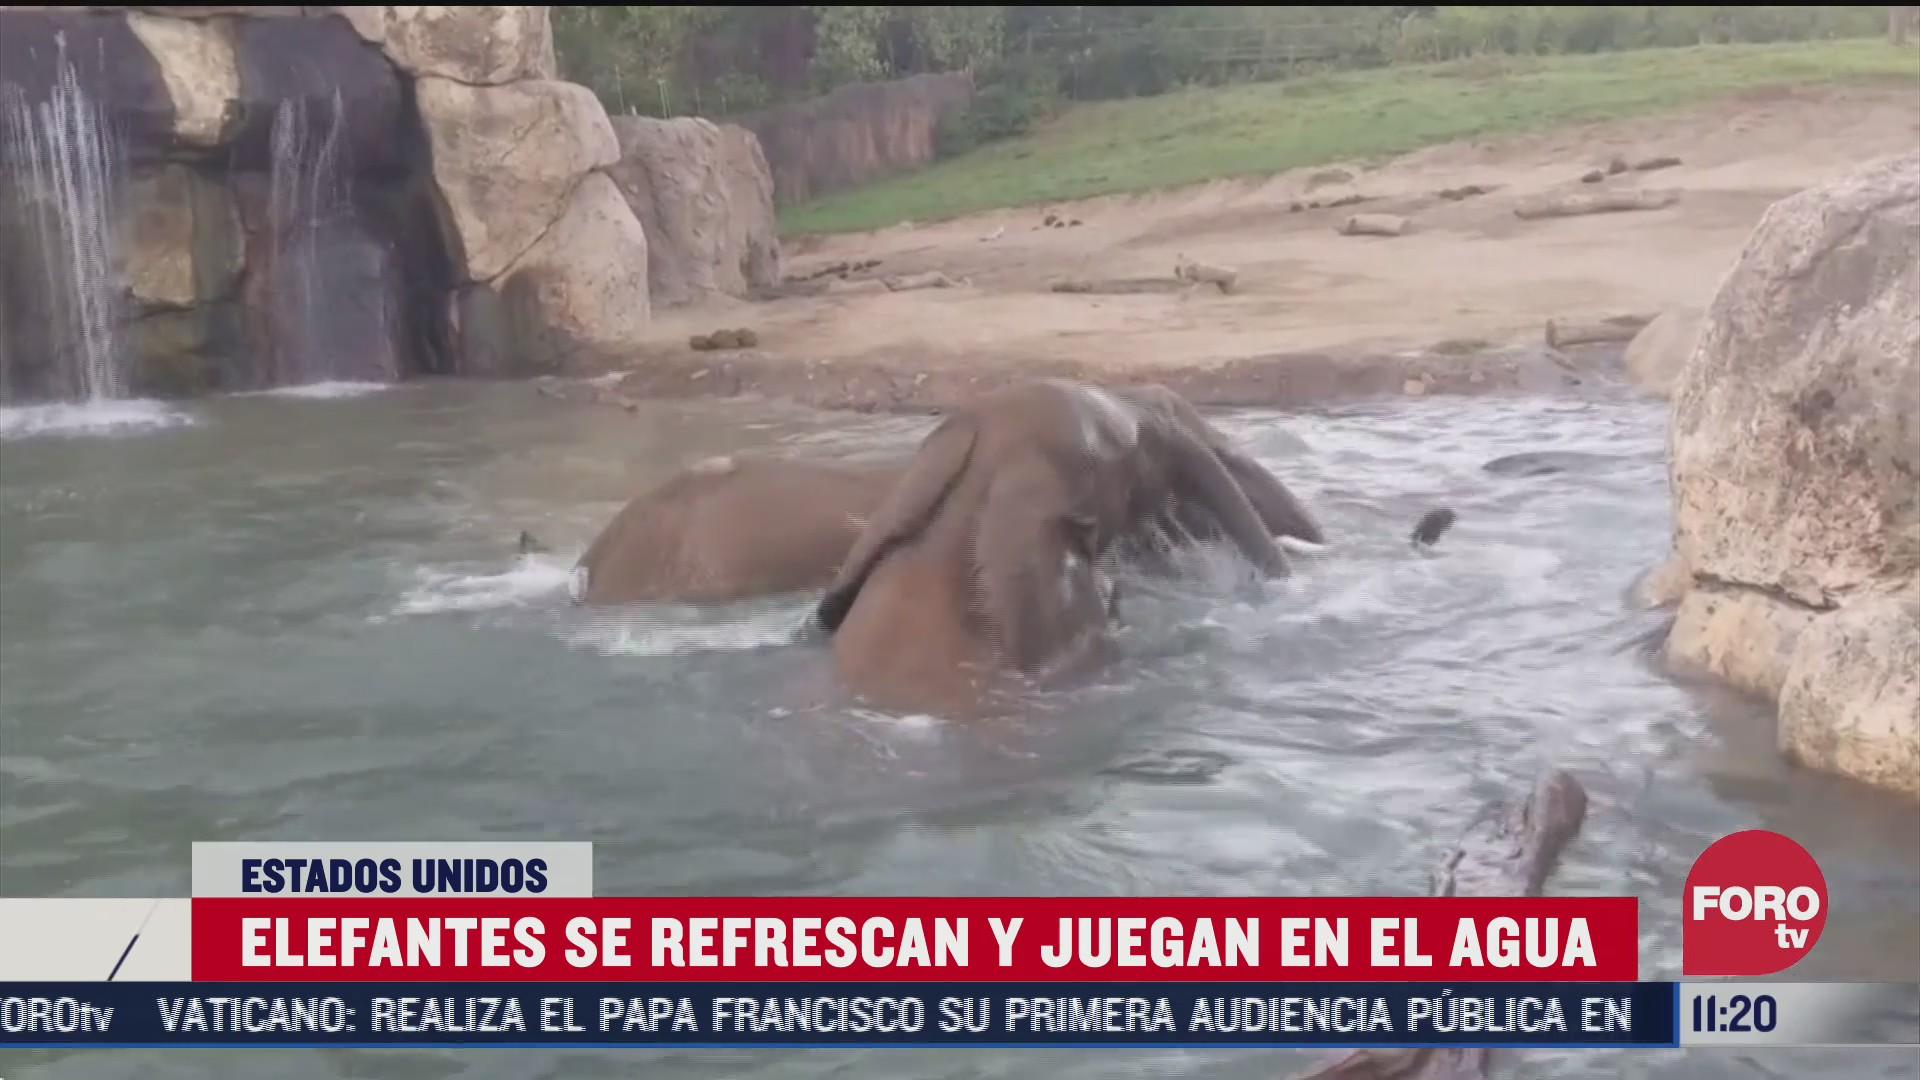 tiernos elefantitos causan sensacion por juguetear en agua